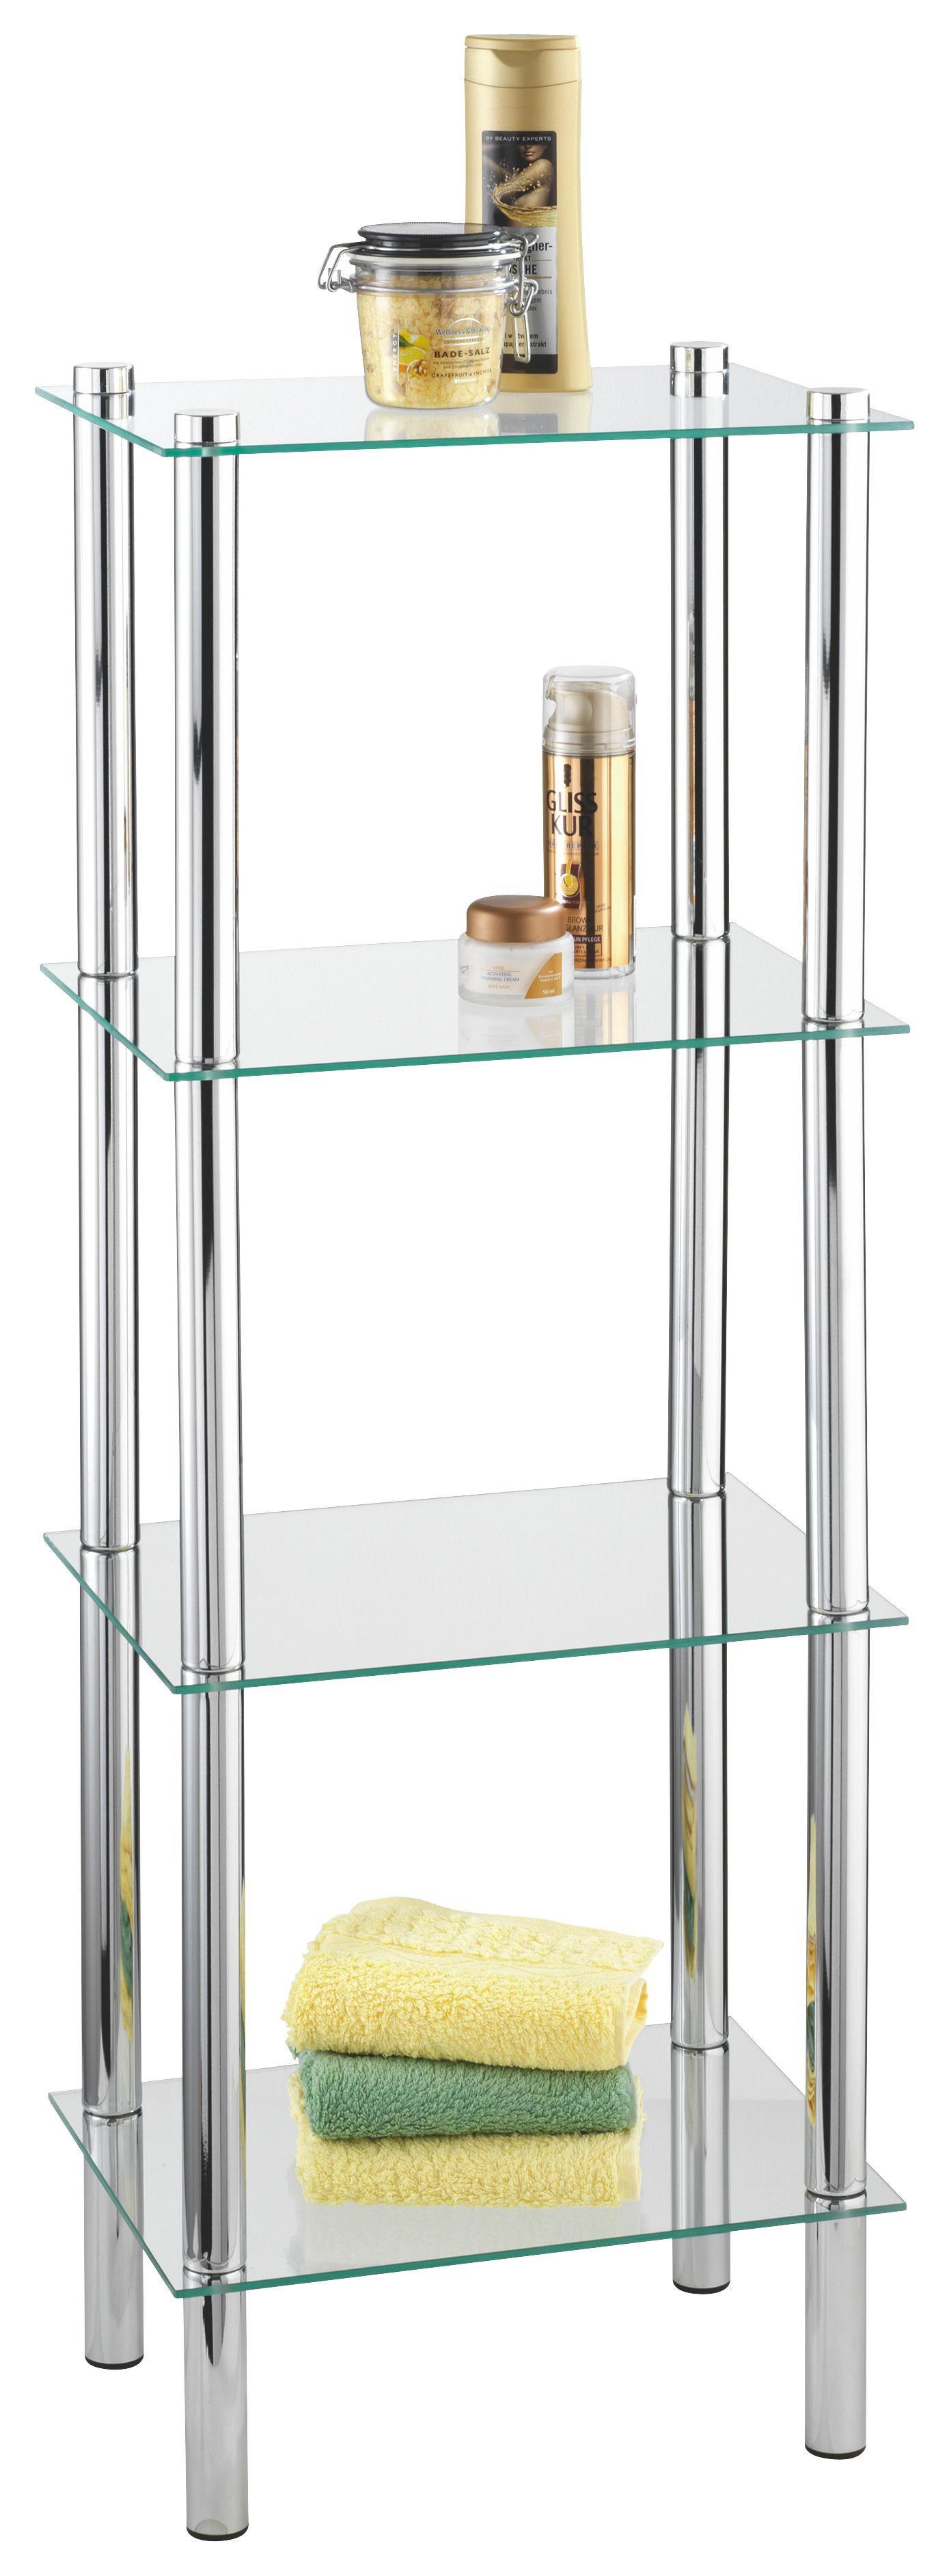 Badezimmer Regal Glas Chrom Chromovy Kupelne Gold Glas Mit